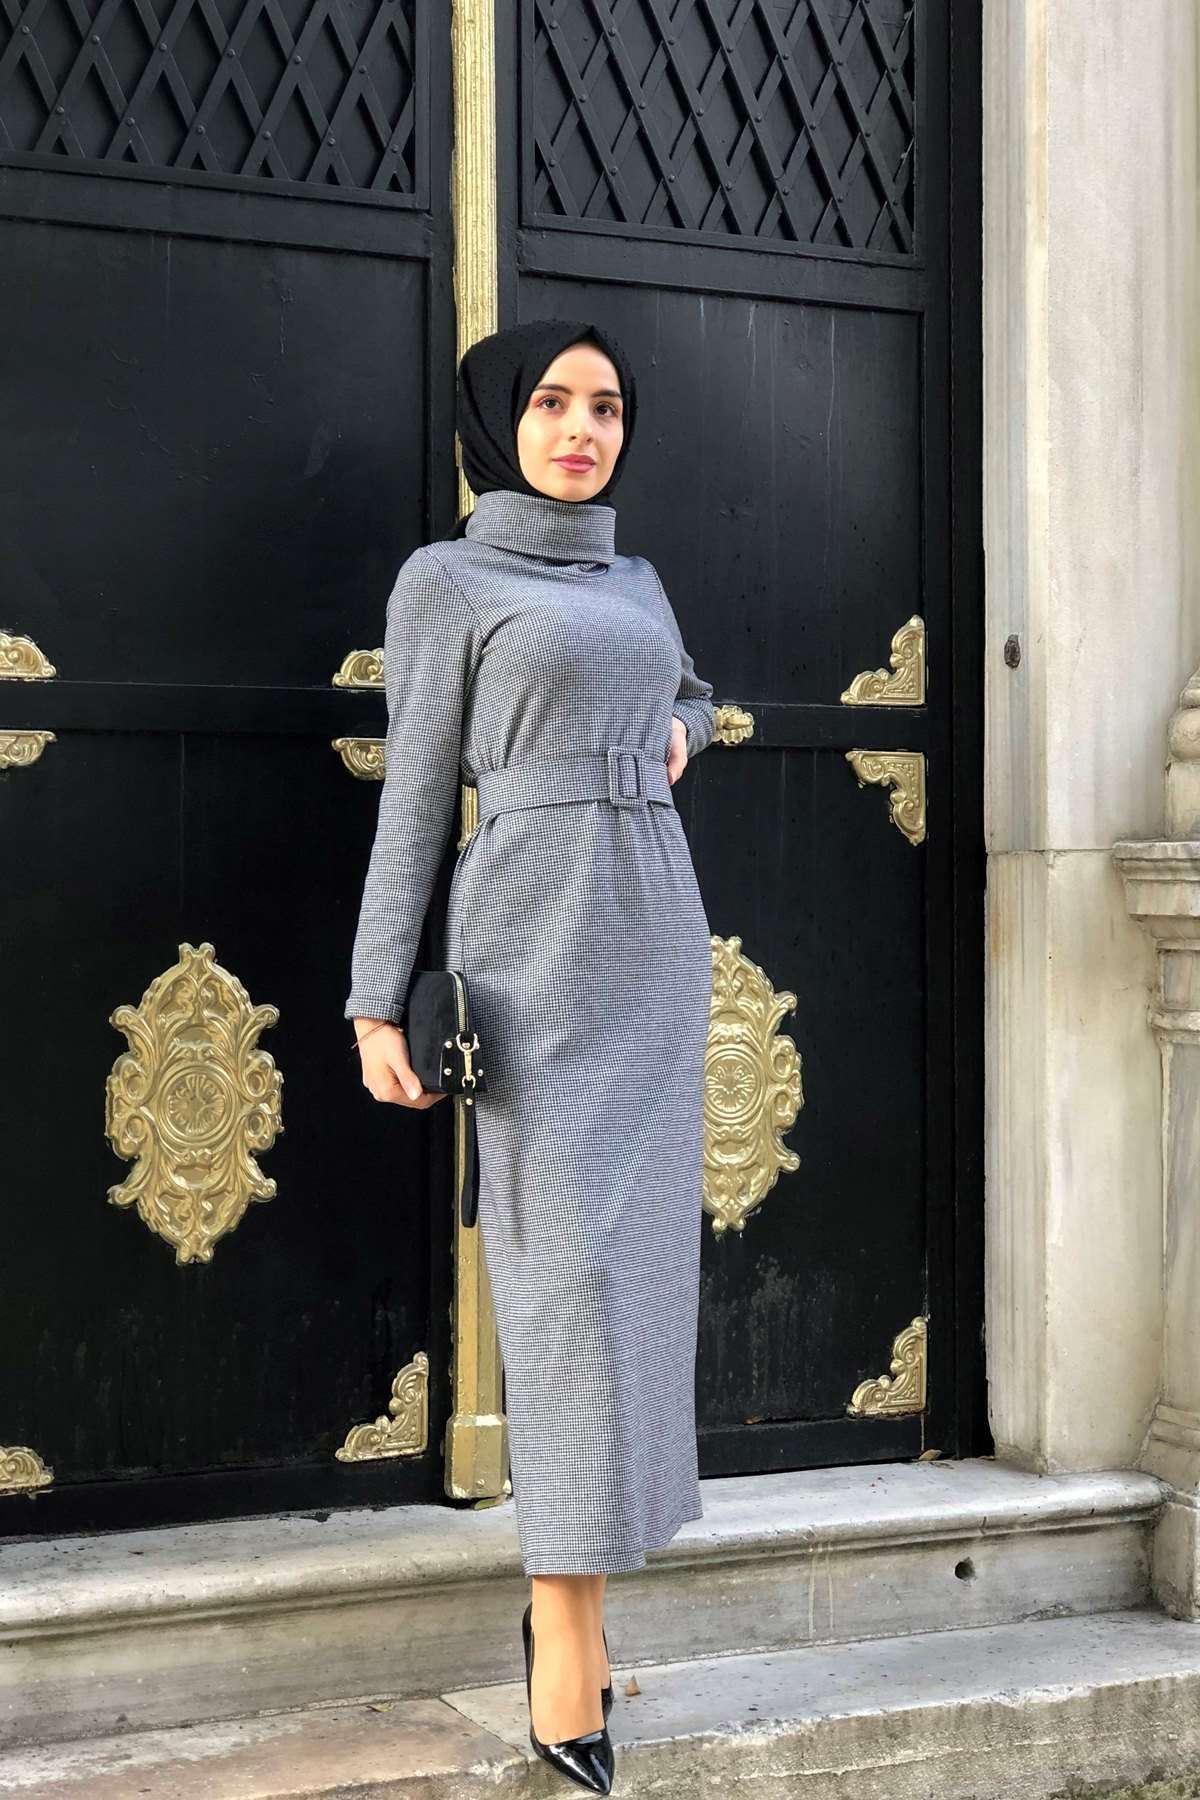 Boğazlı Kemerli Elbise  - GRİ